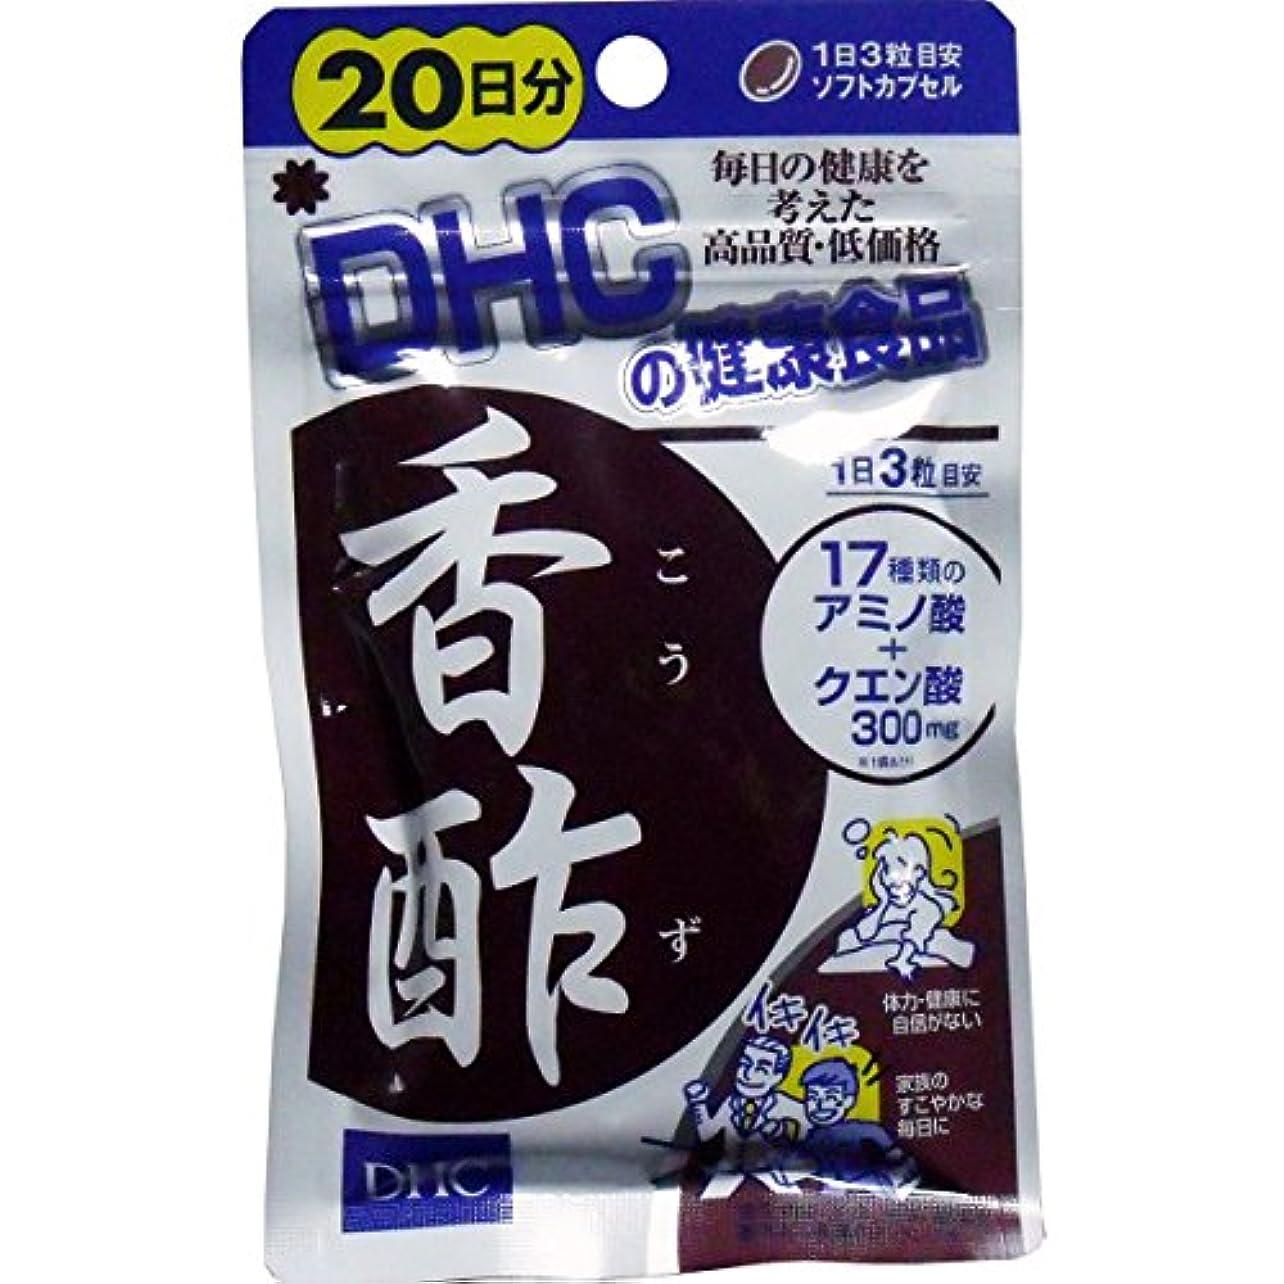 タンカー面倒拍手するDHC香酢20日分 60粒【3個セット】